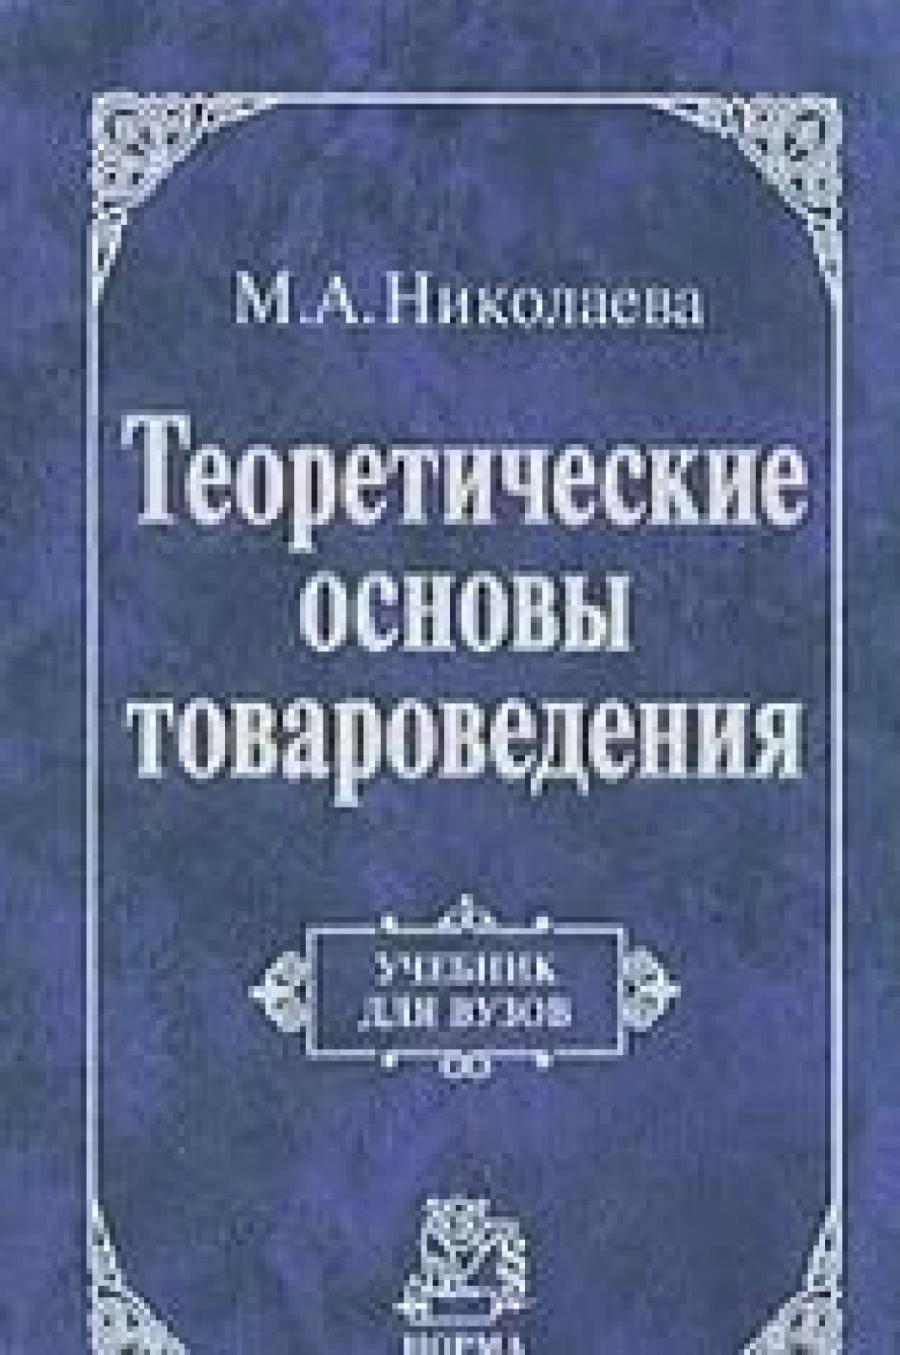 Обложка книги:  николаева м.а. - теоретические основы товароведения